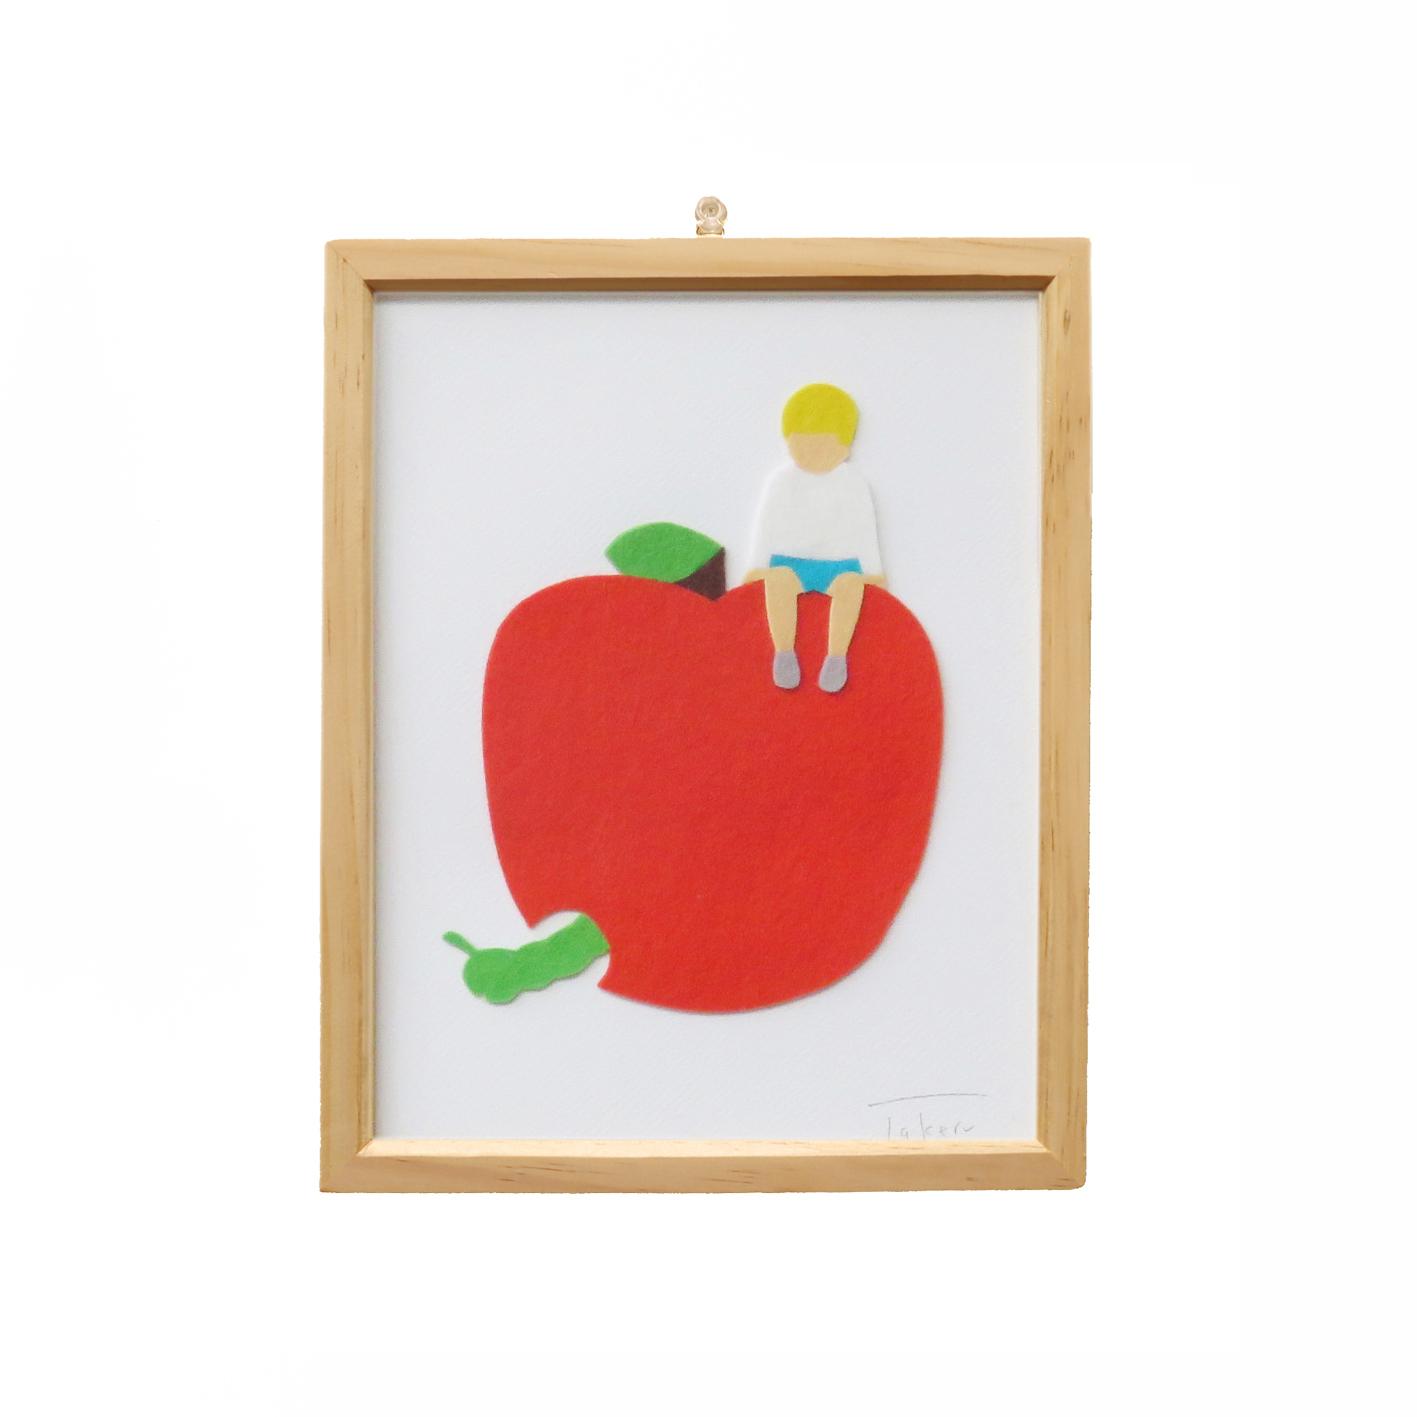 フェルトピクチャー(赤リンゴ男の子)